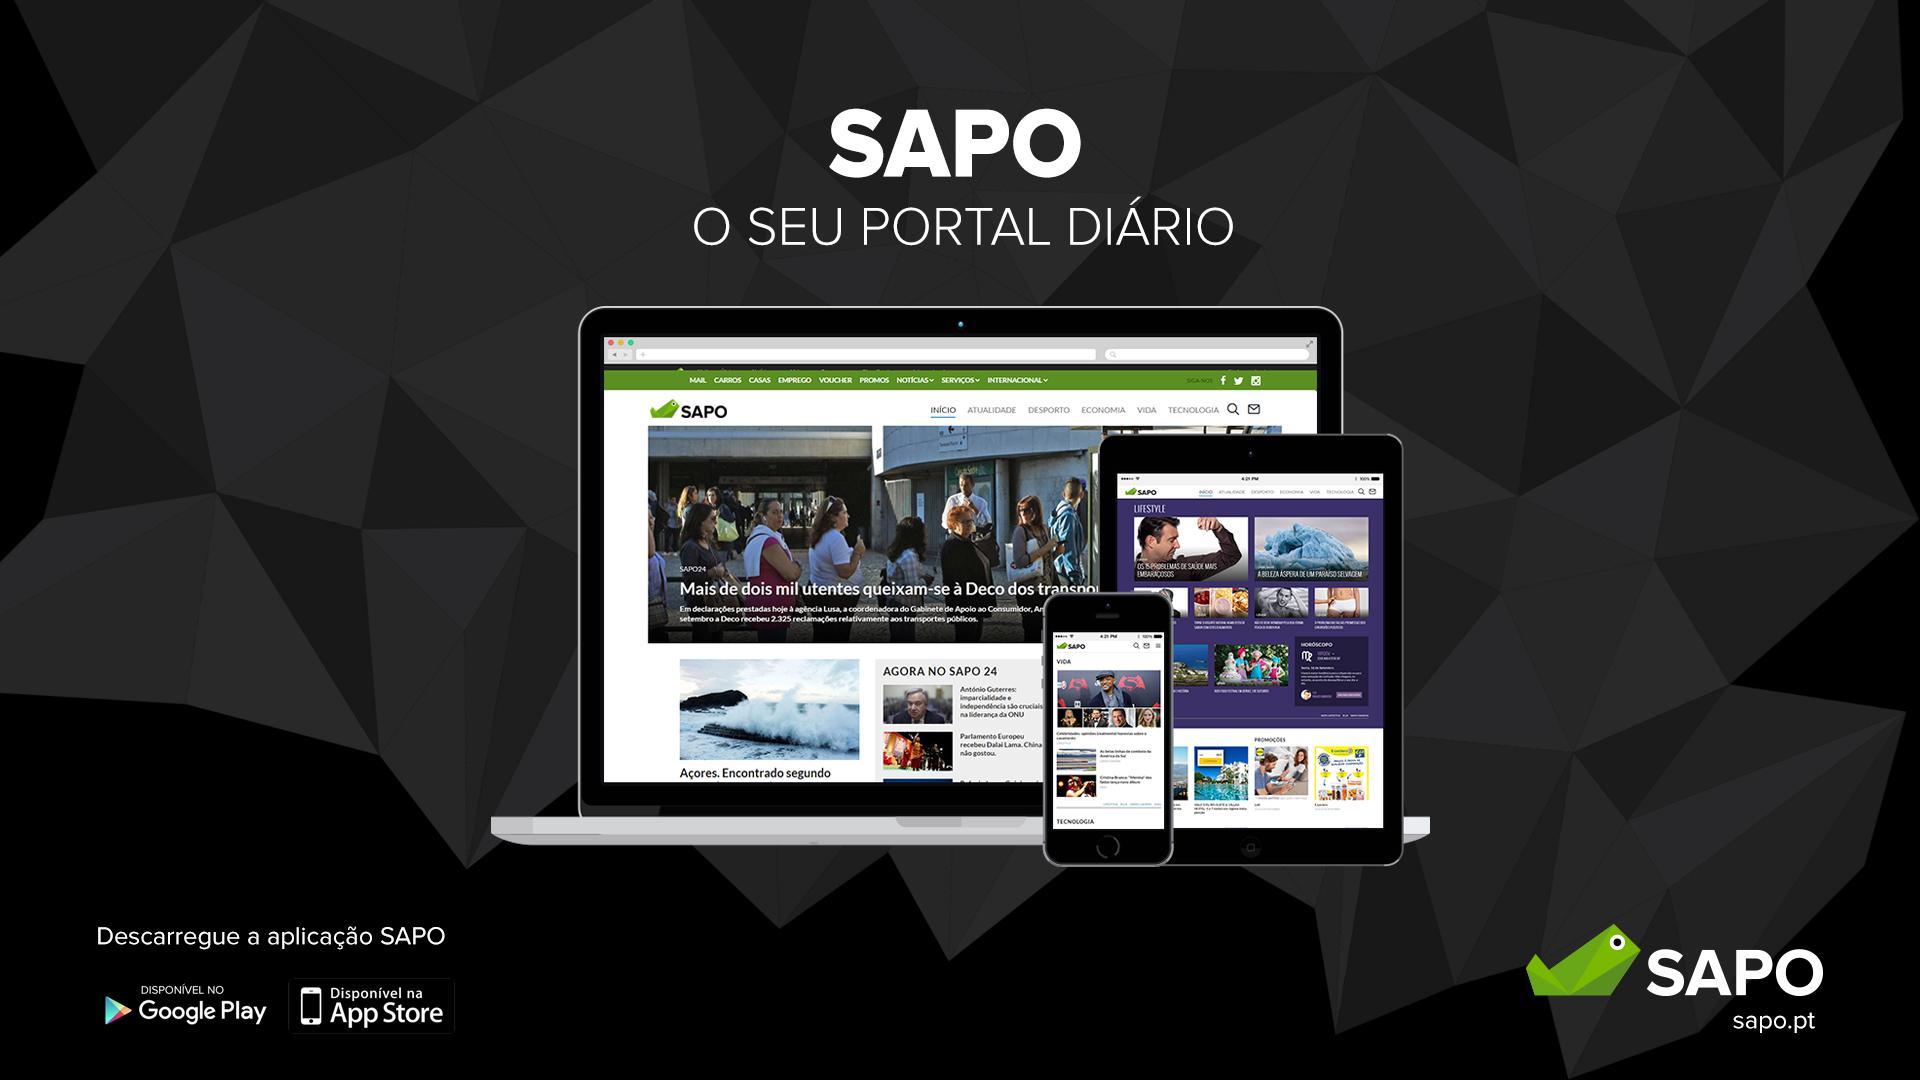 SAPO - o seu portal diário